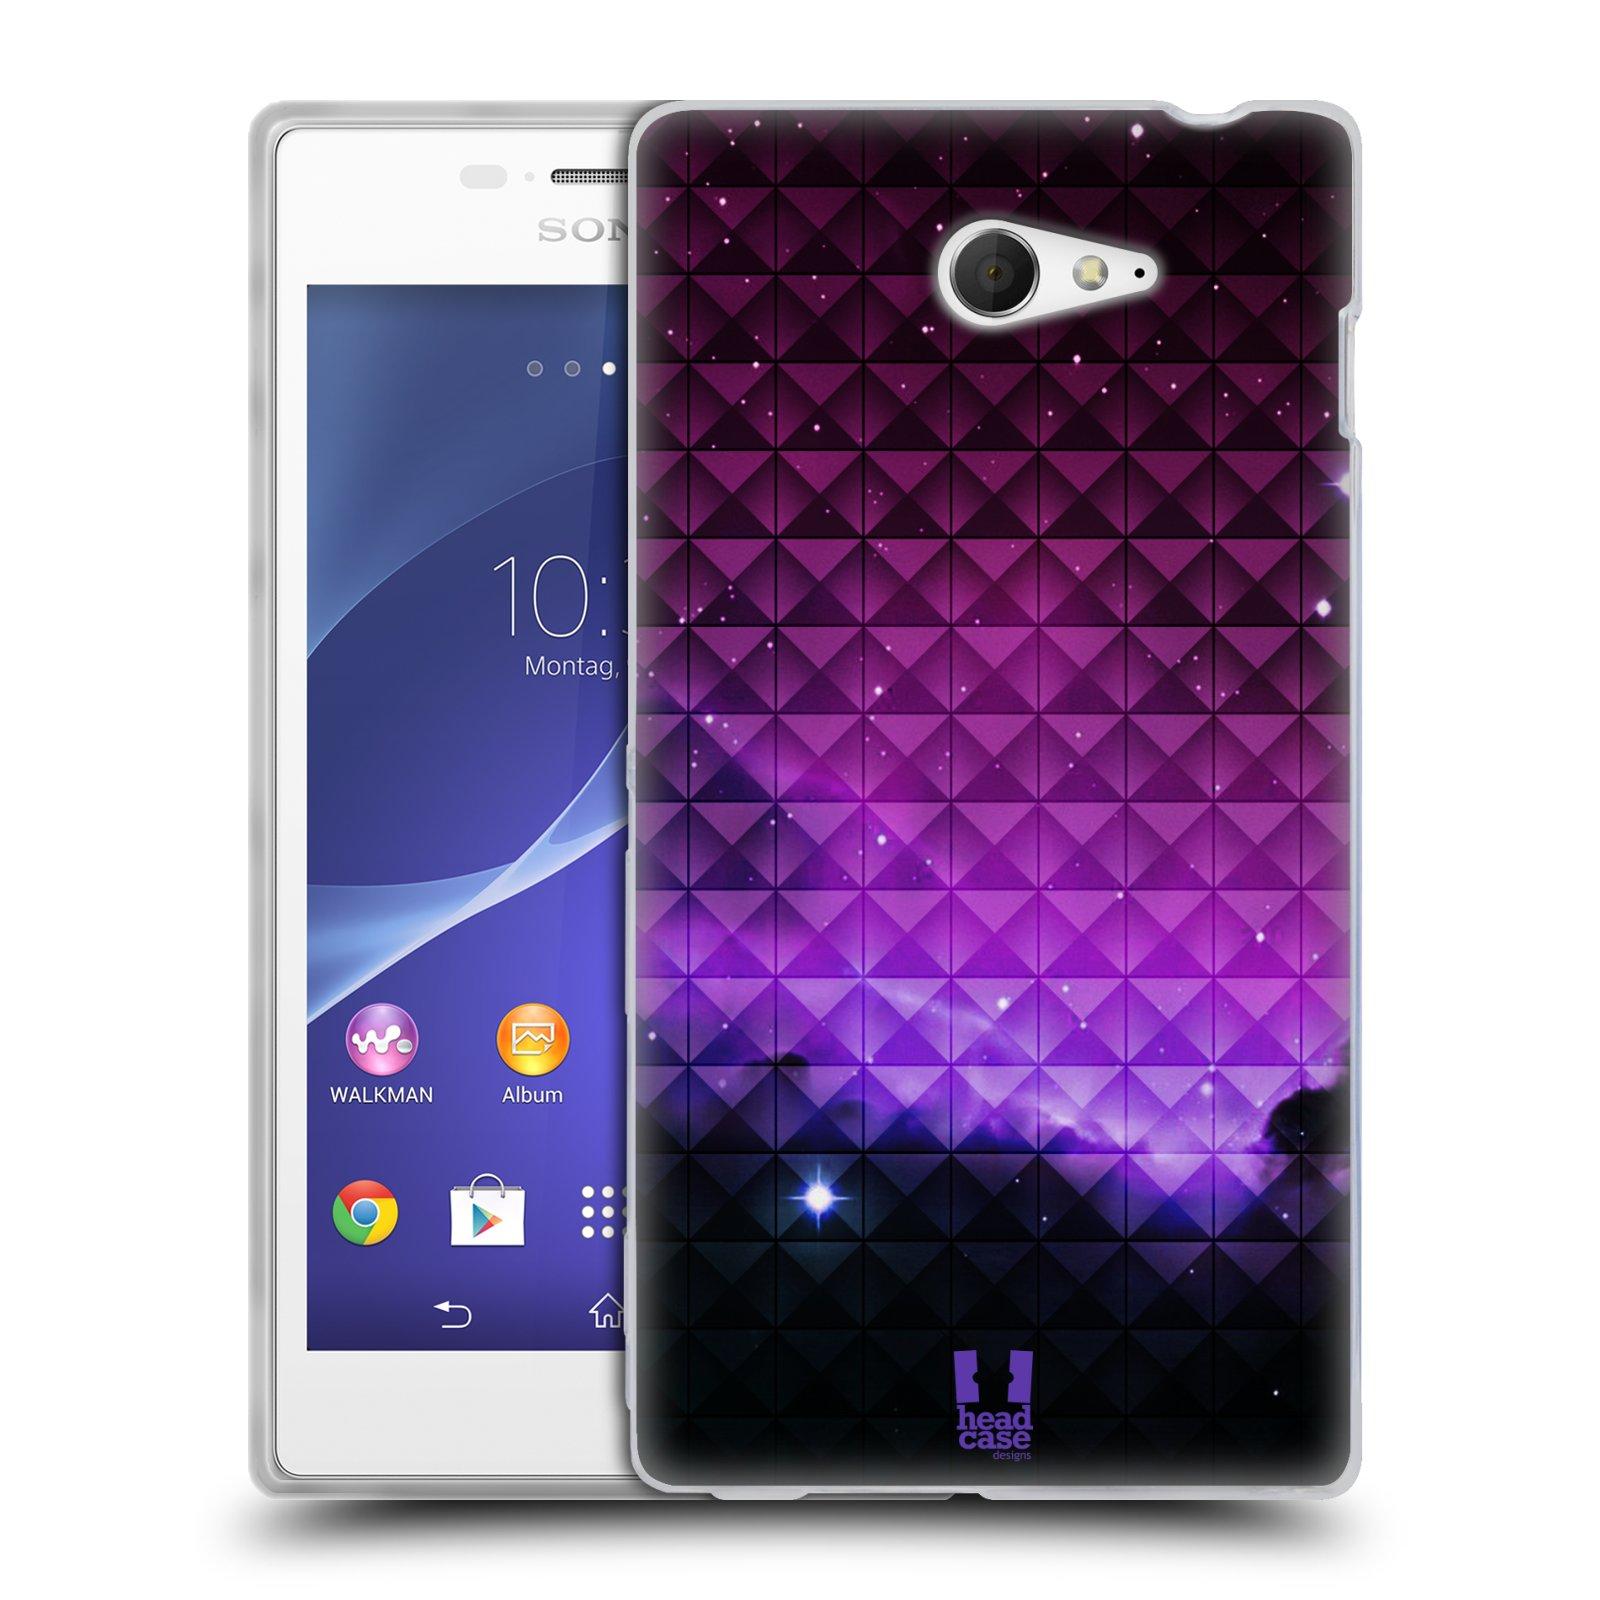 Silikonové pouzdro na mobil Sony Xperia M2 D2303 HEAD CASE PURPLE HAZE (Silikonový Kryt či obal na mobilní telefon Sony Xperia M2)